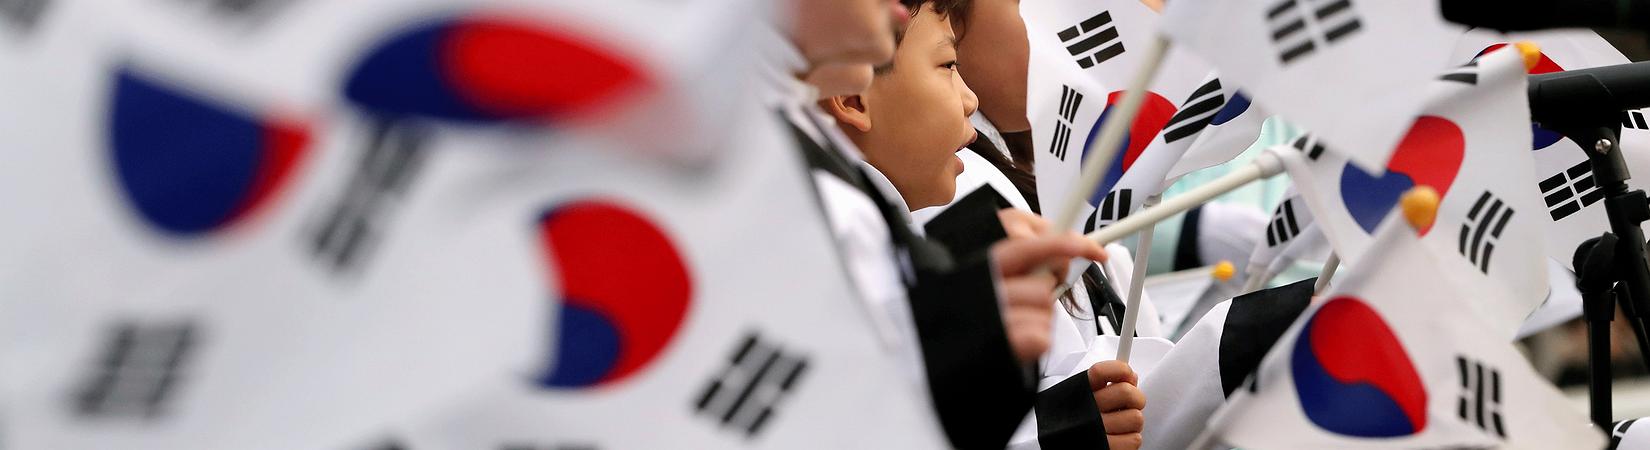 La Corea del Sud impone 6 vincoli agli exchange